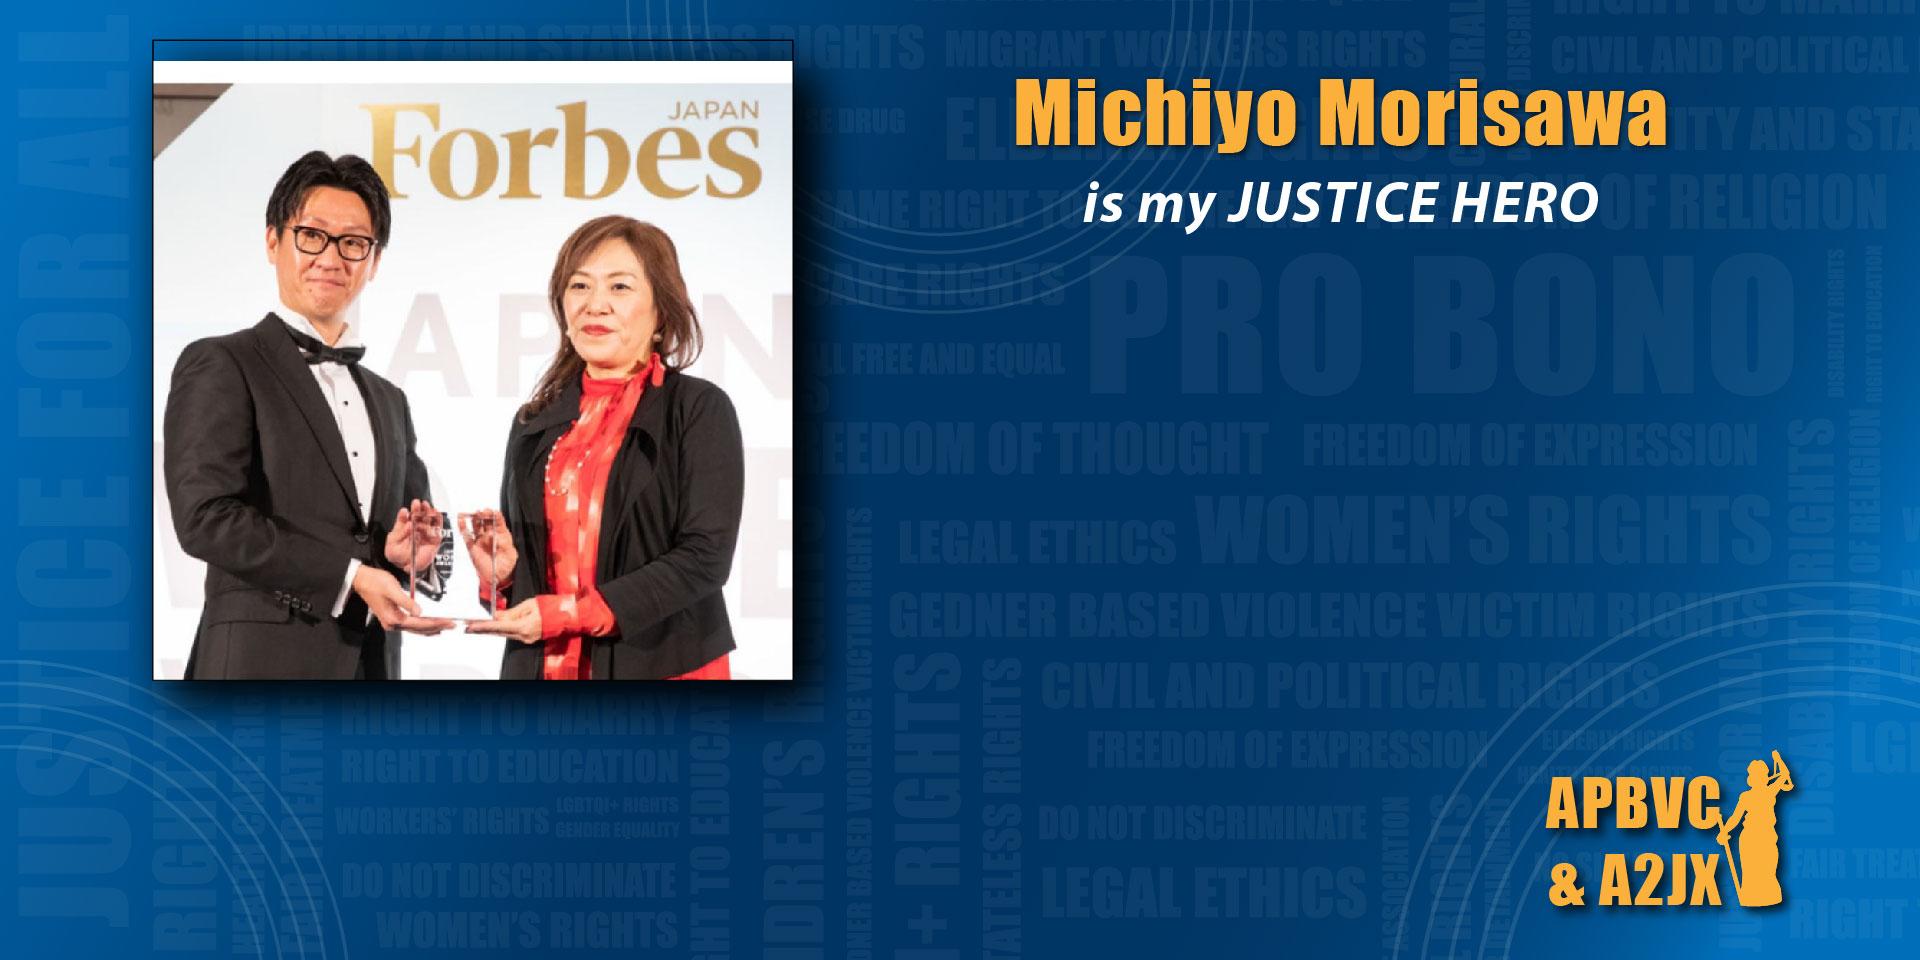 Michiyo Morisawa